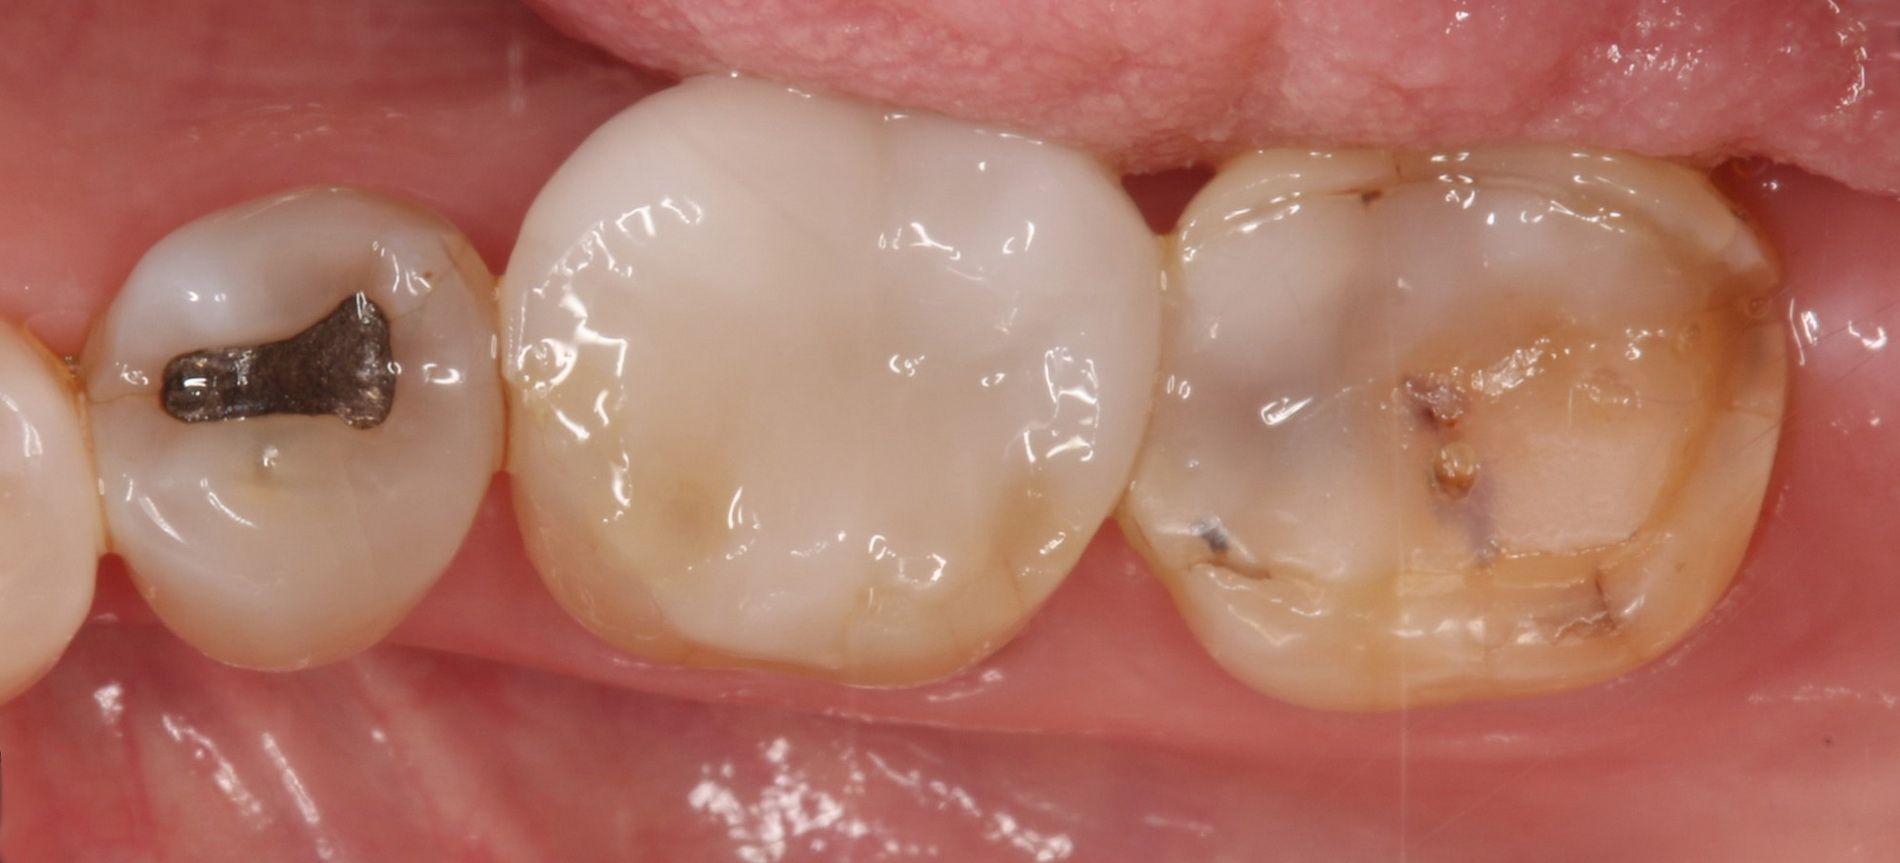 Cas de desgast dental tractat en la nostra clínica dental a Barcelona